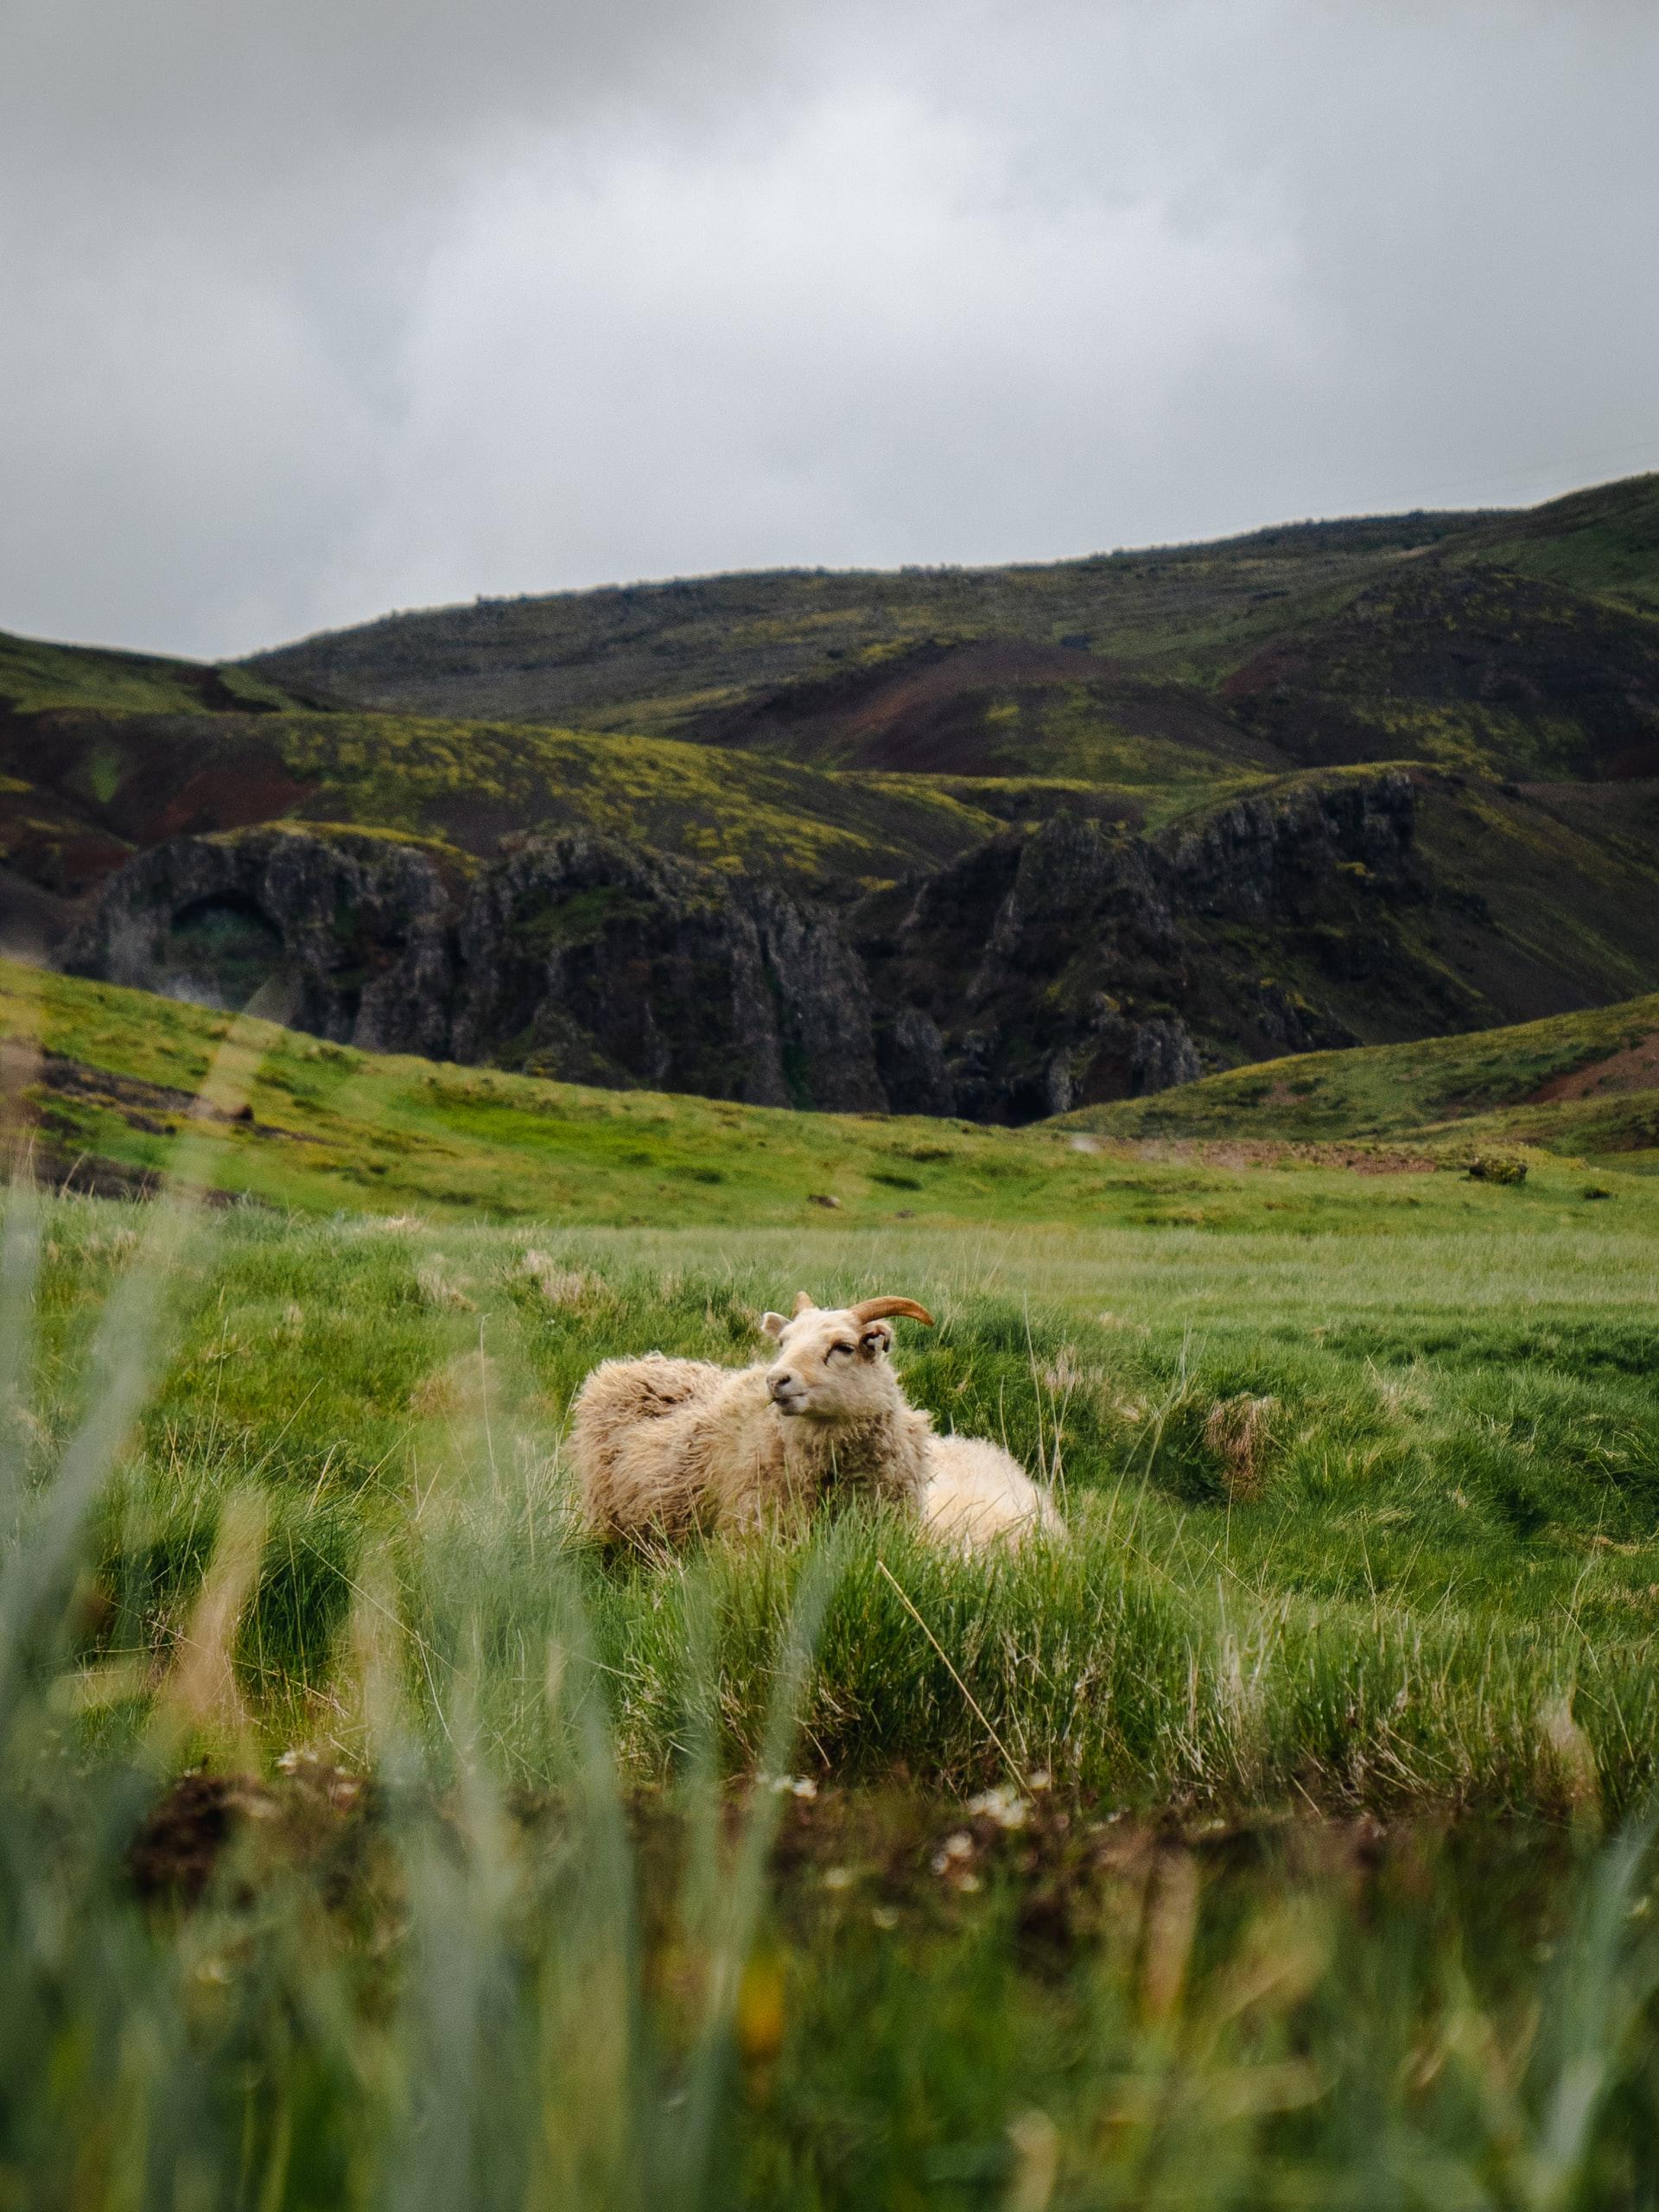 Goat in field